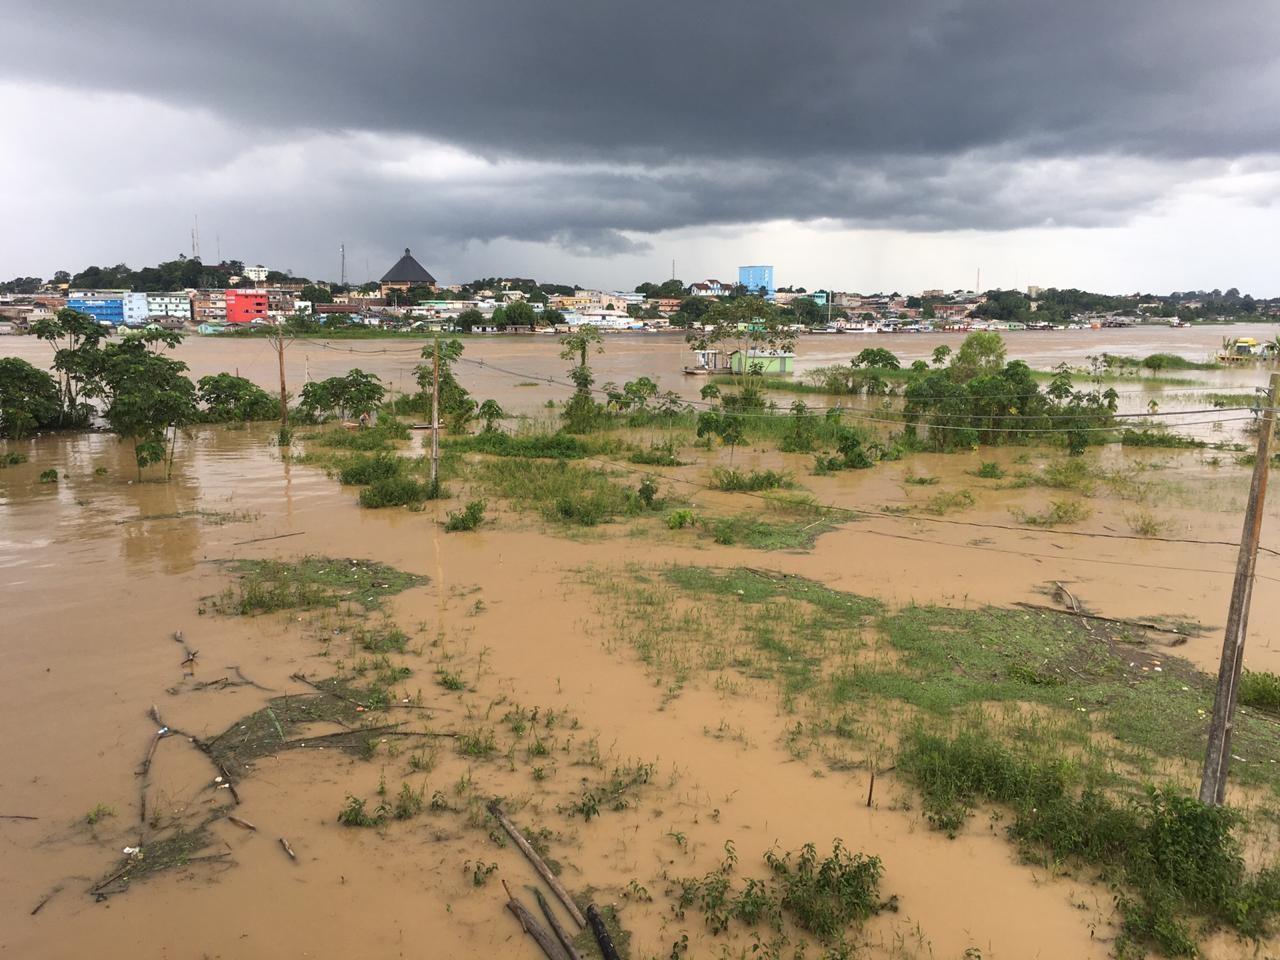 Com cheia do Rio Juruá, mais de 120 famílias ainda permanecem em abrigo no interior do AC